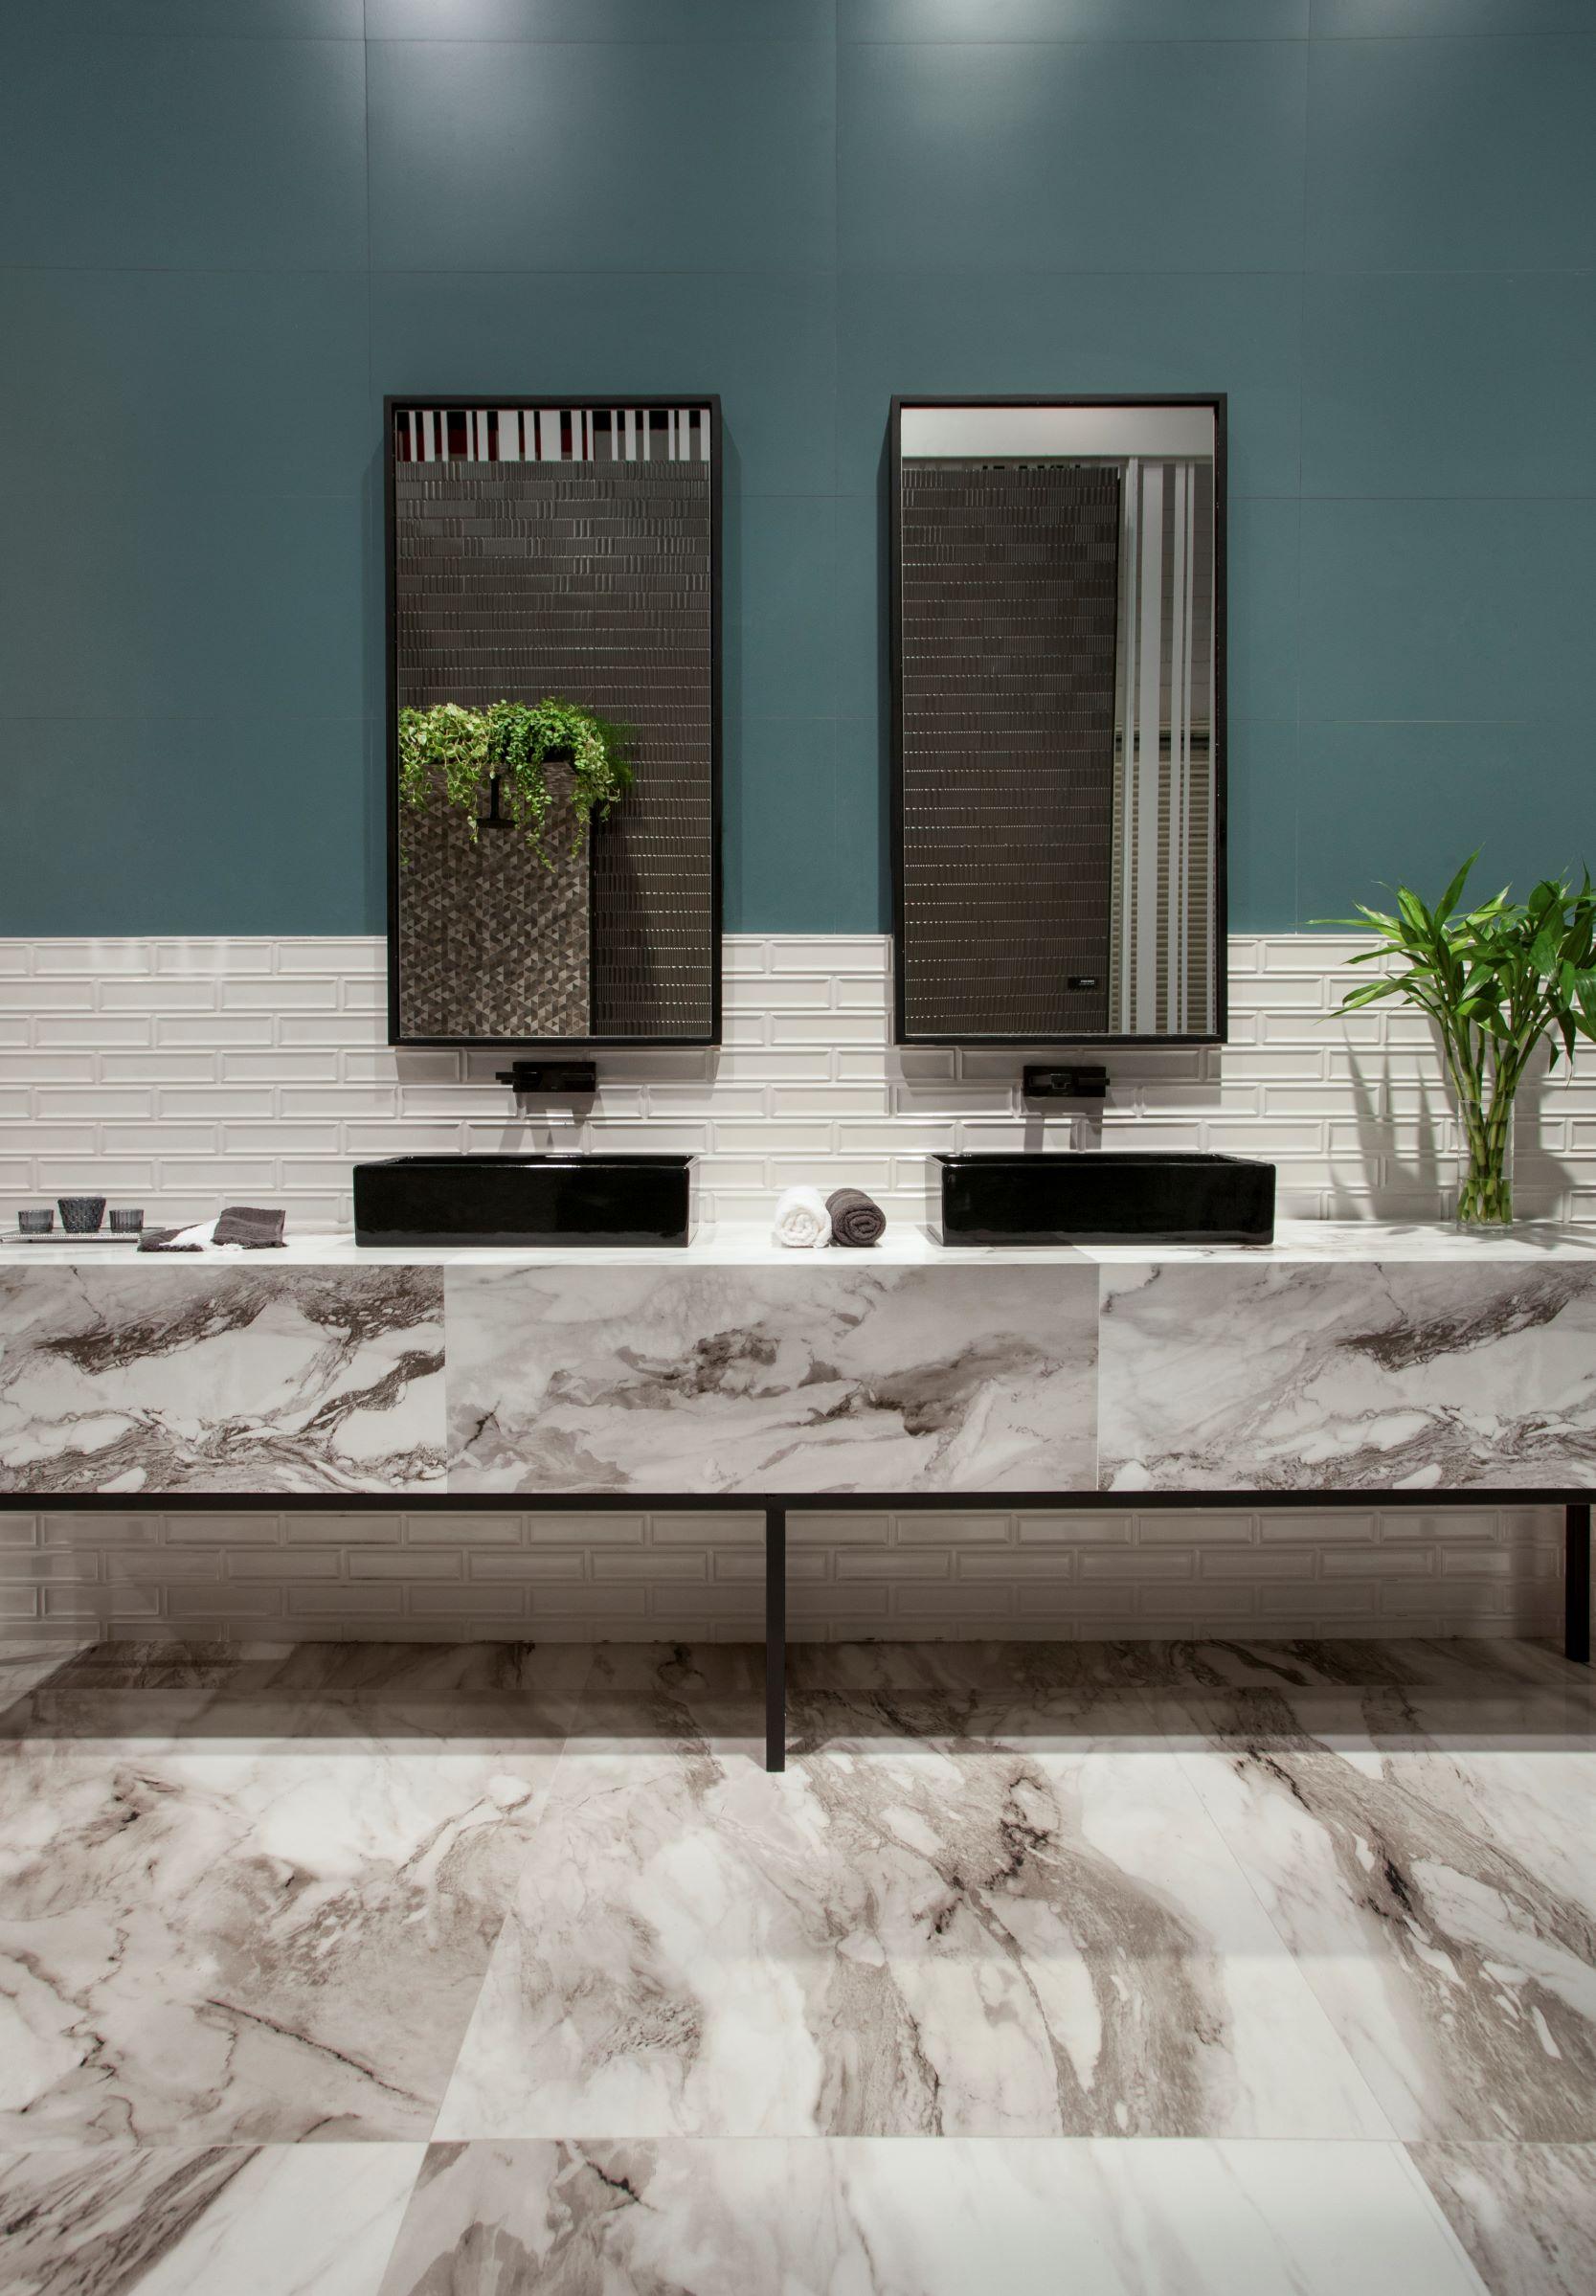 Revestimento da Ceusa na bancada com cuba de apoio. Porcelanato que imita mármore em bancada e piso do banheiro.